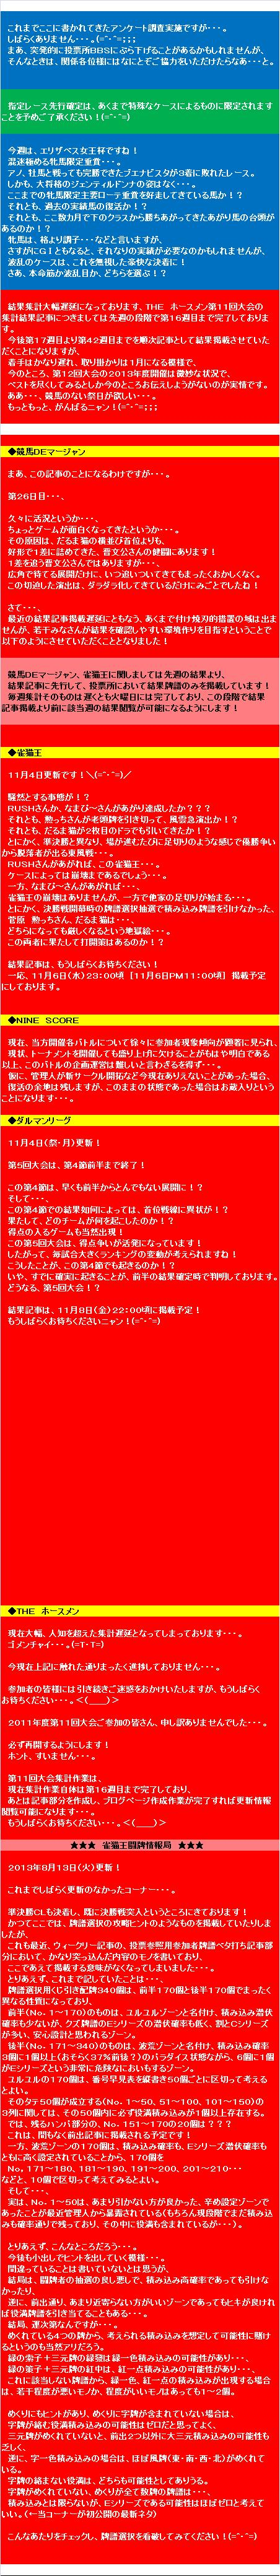 20131105・競馬DEマージャン結果④.jpg